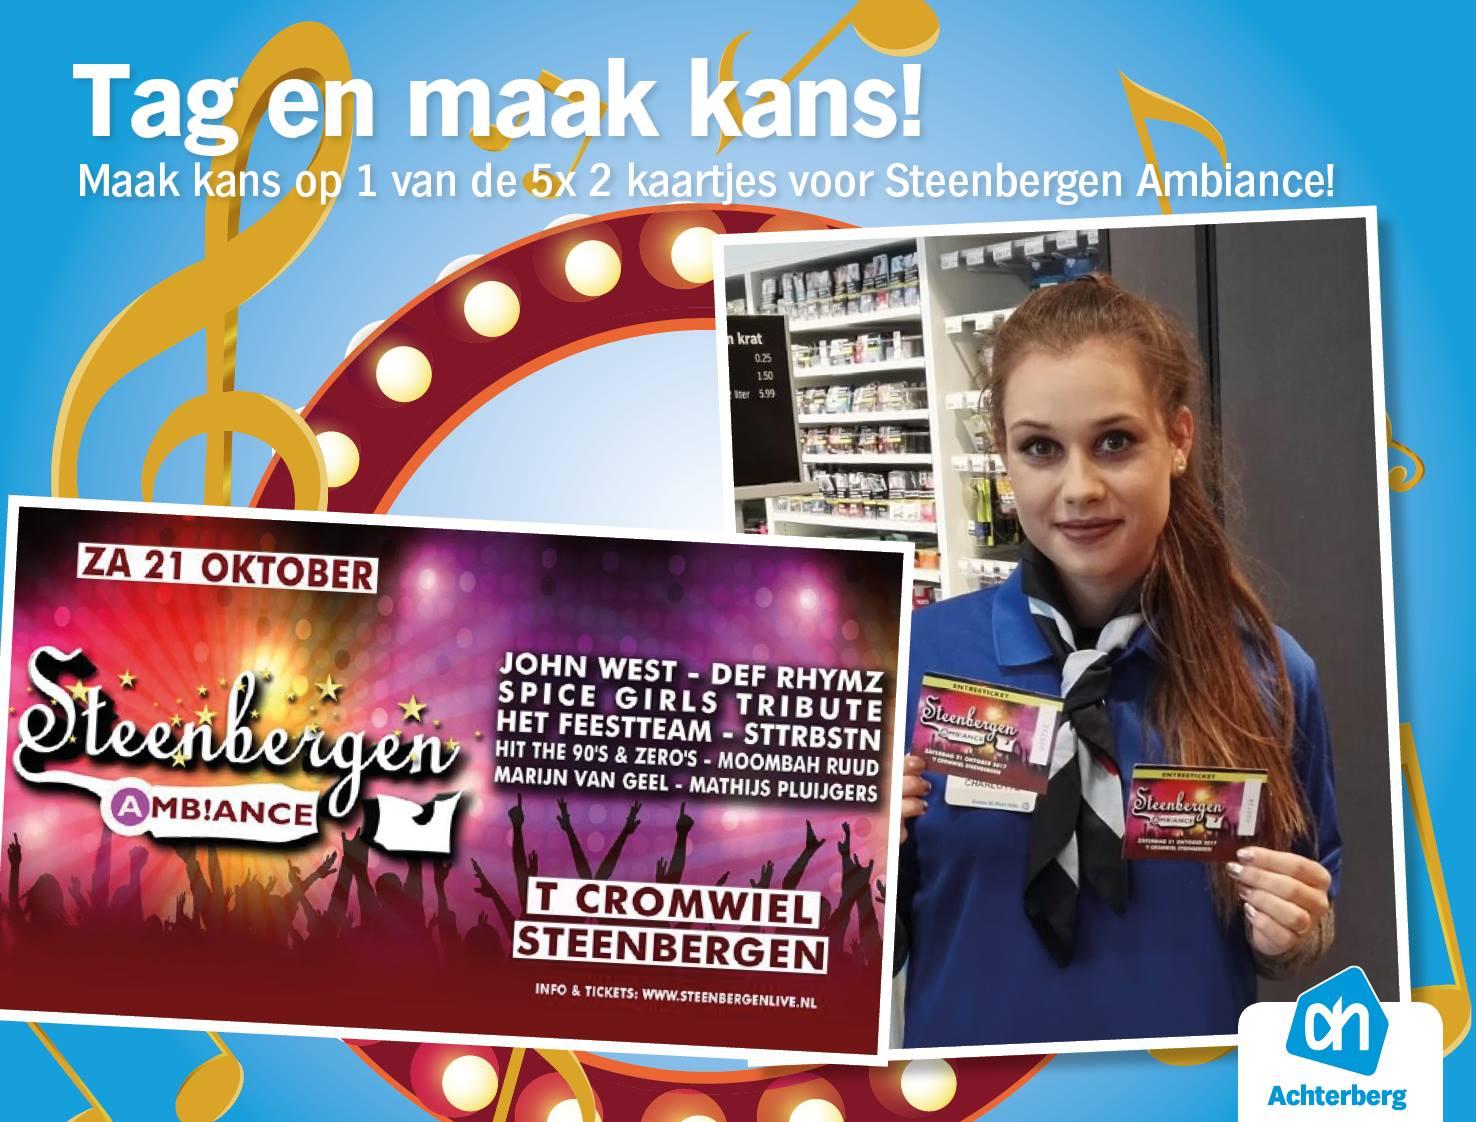 Maak kans op kaartjes voor Steenbergen Ambiance!